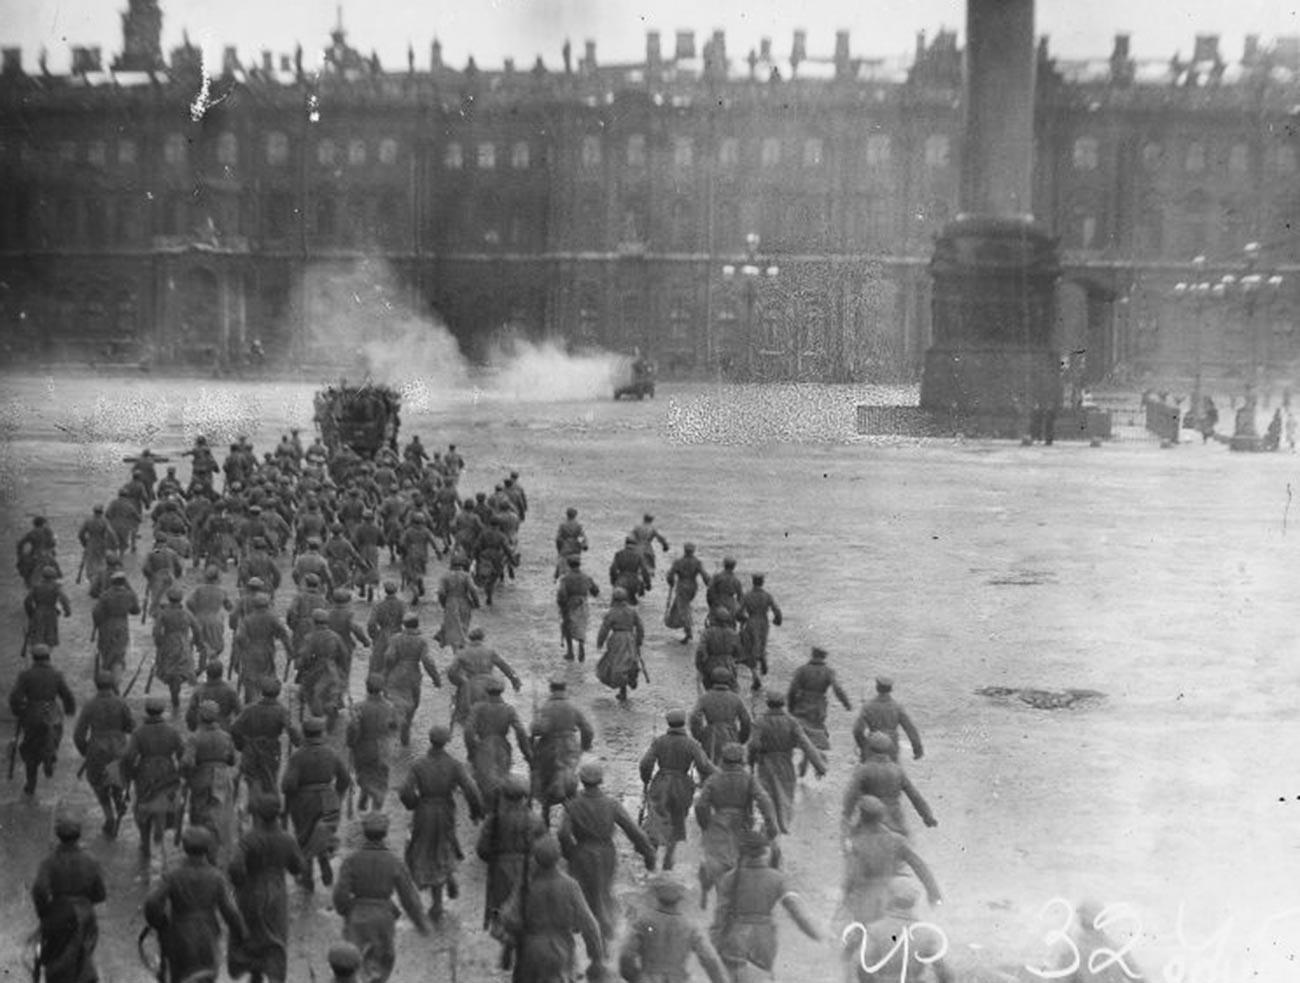 L'assalto al Palazzo d'Inverno. Immagine tratta dal film